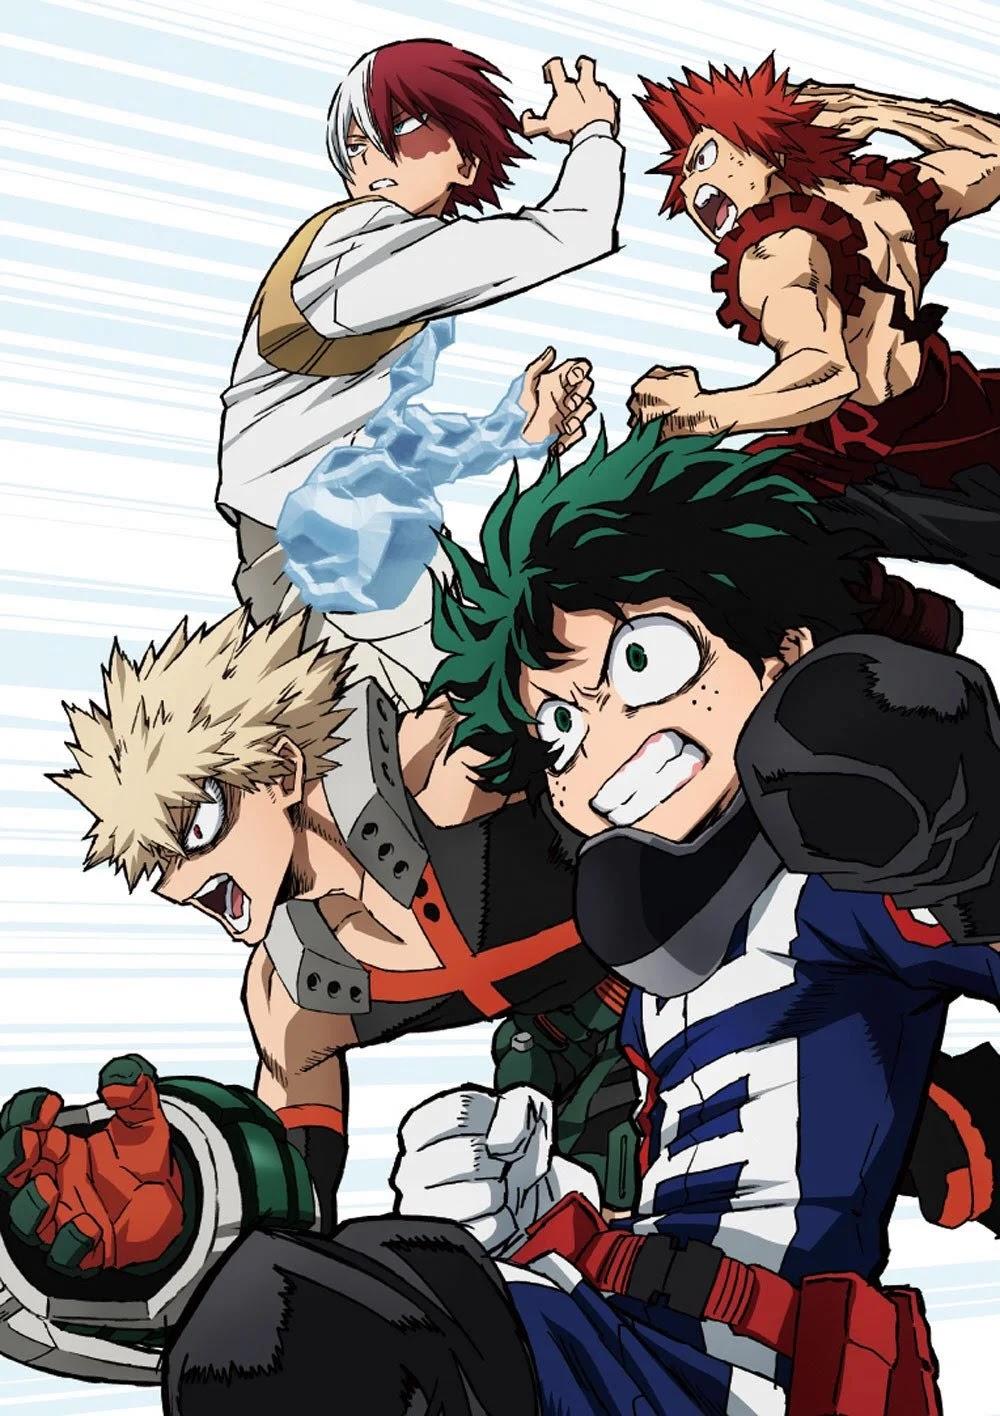 A Sexta Temporada de Boku no Hero Academia já está em Produção